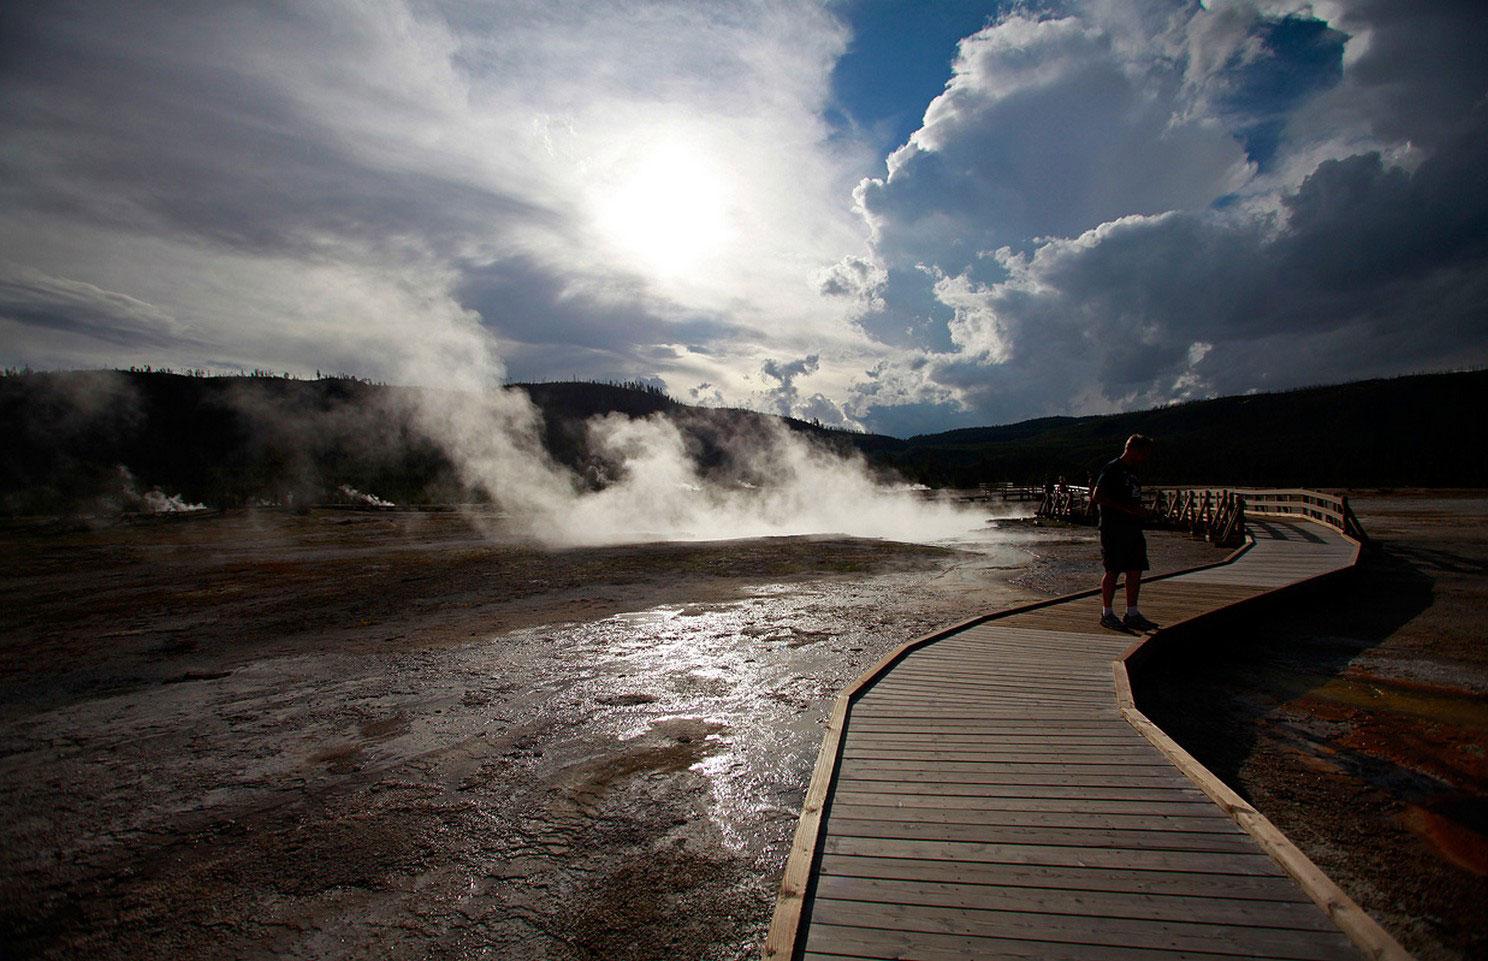 гейзеры и термальные источники